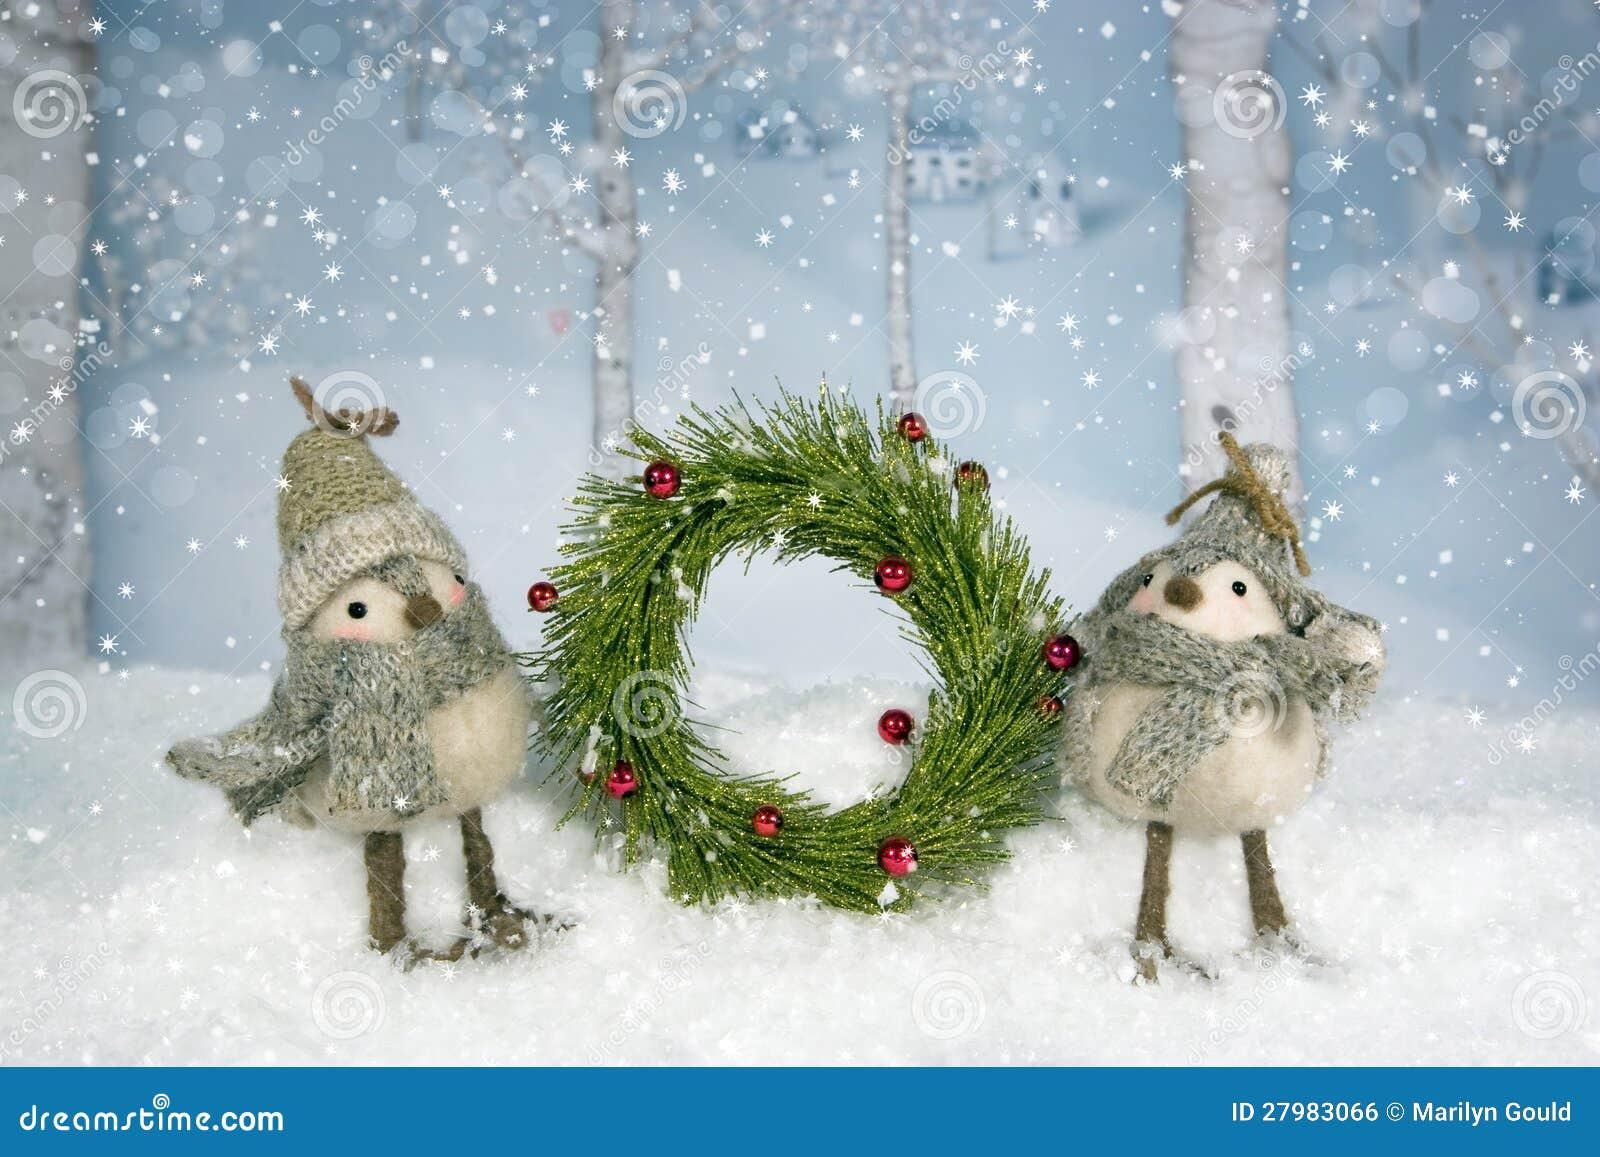 Christmas Birds Wreath